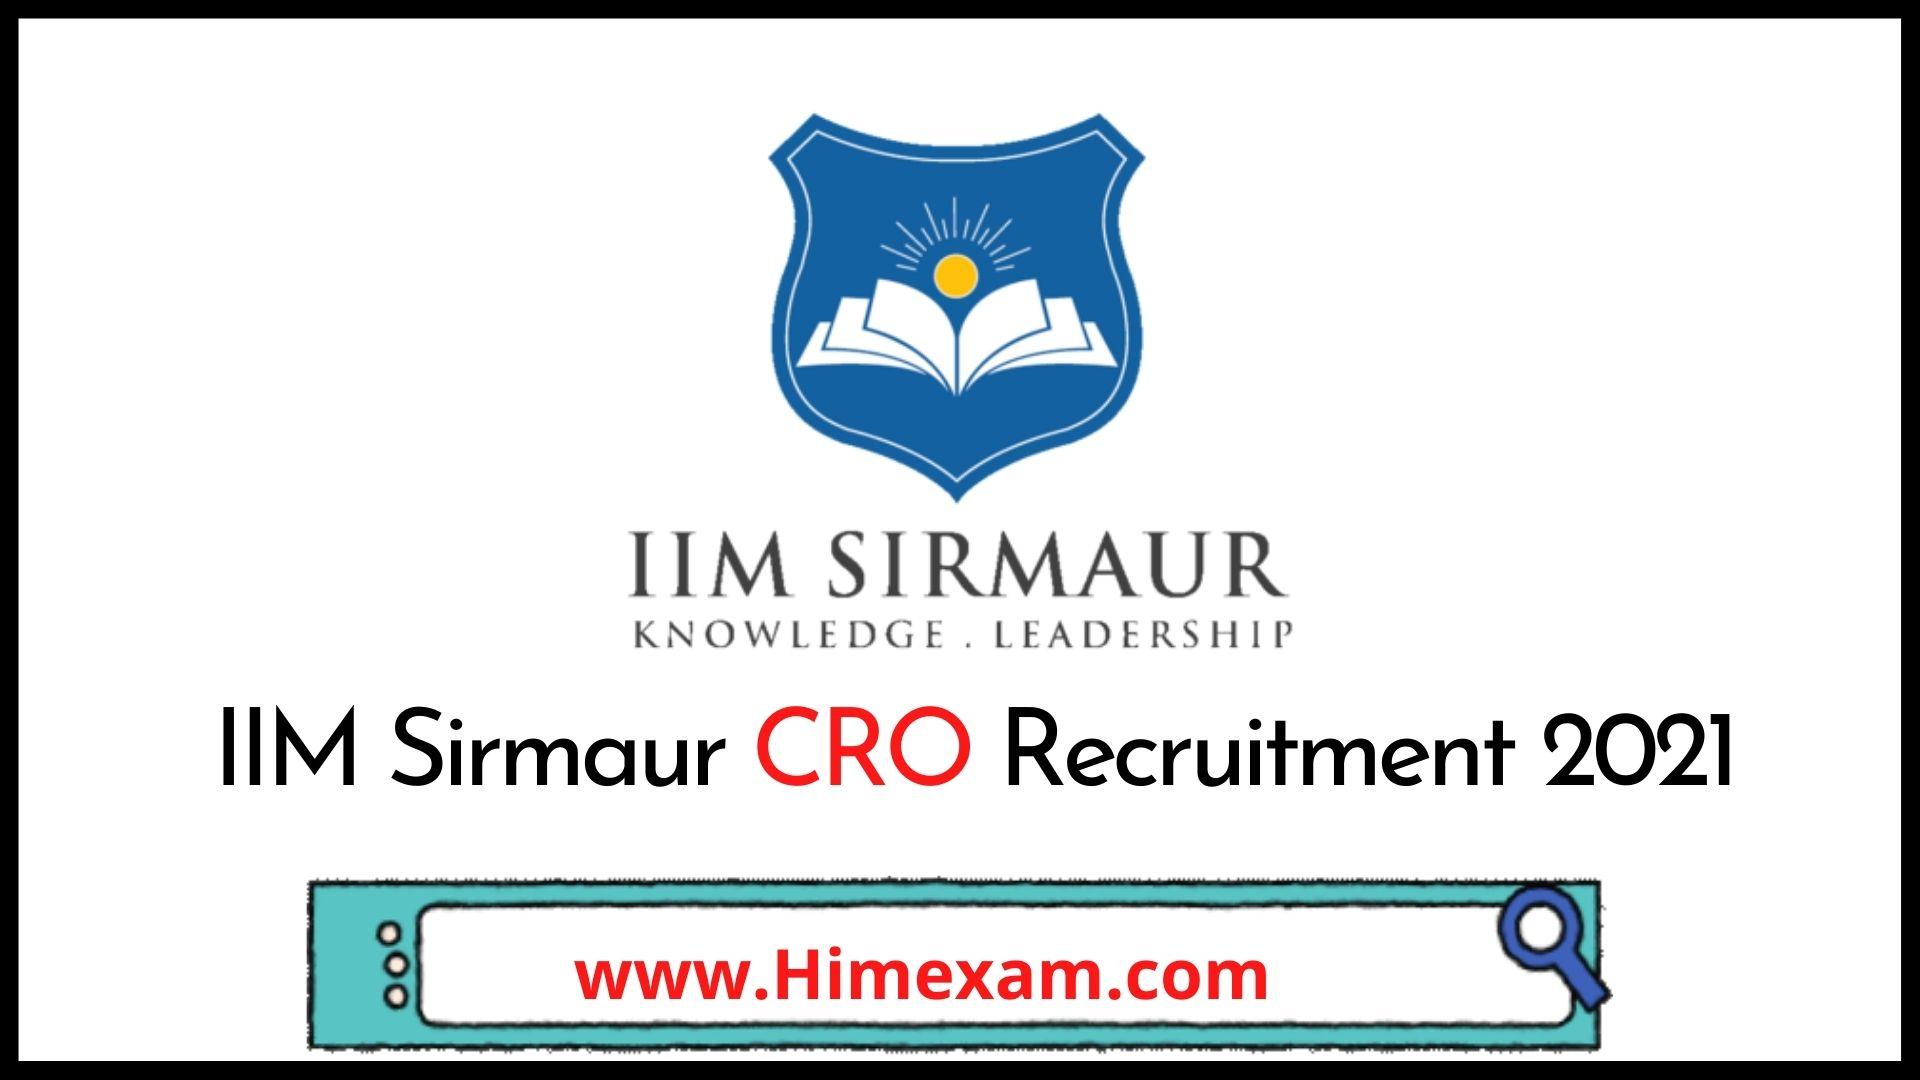 IIM Sirmaur CRO Recruitment 2021